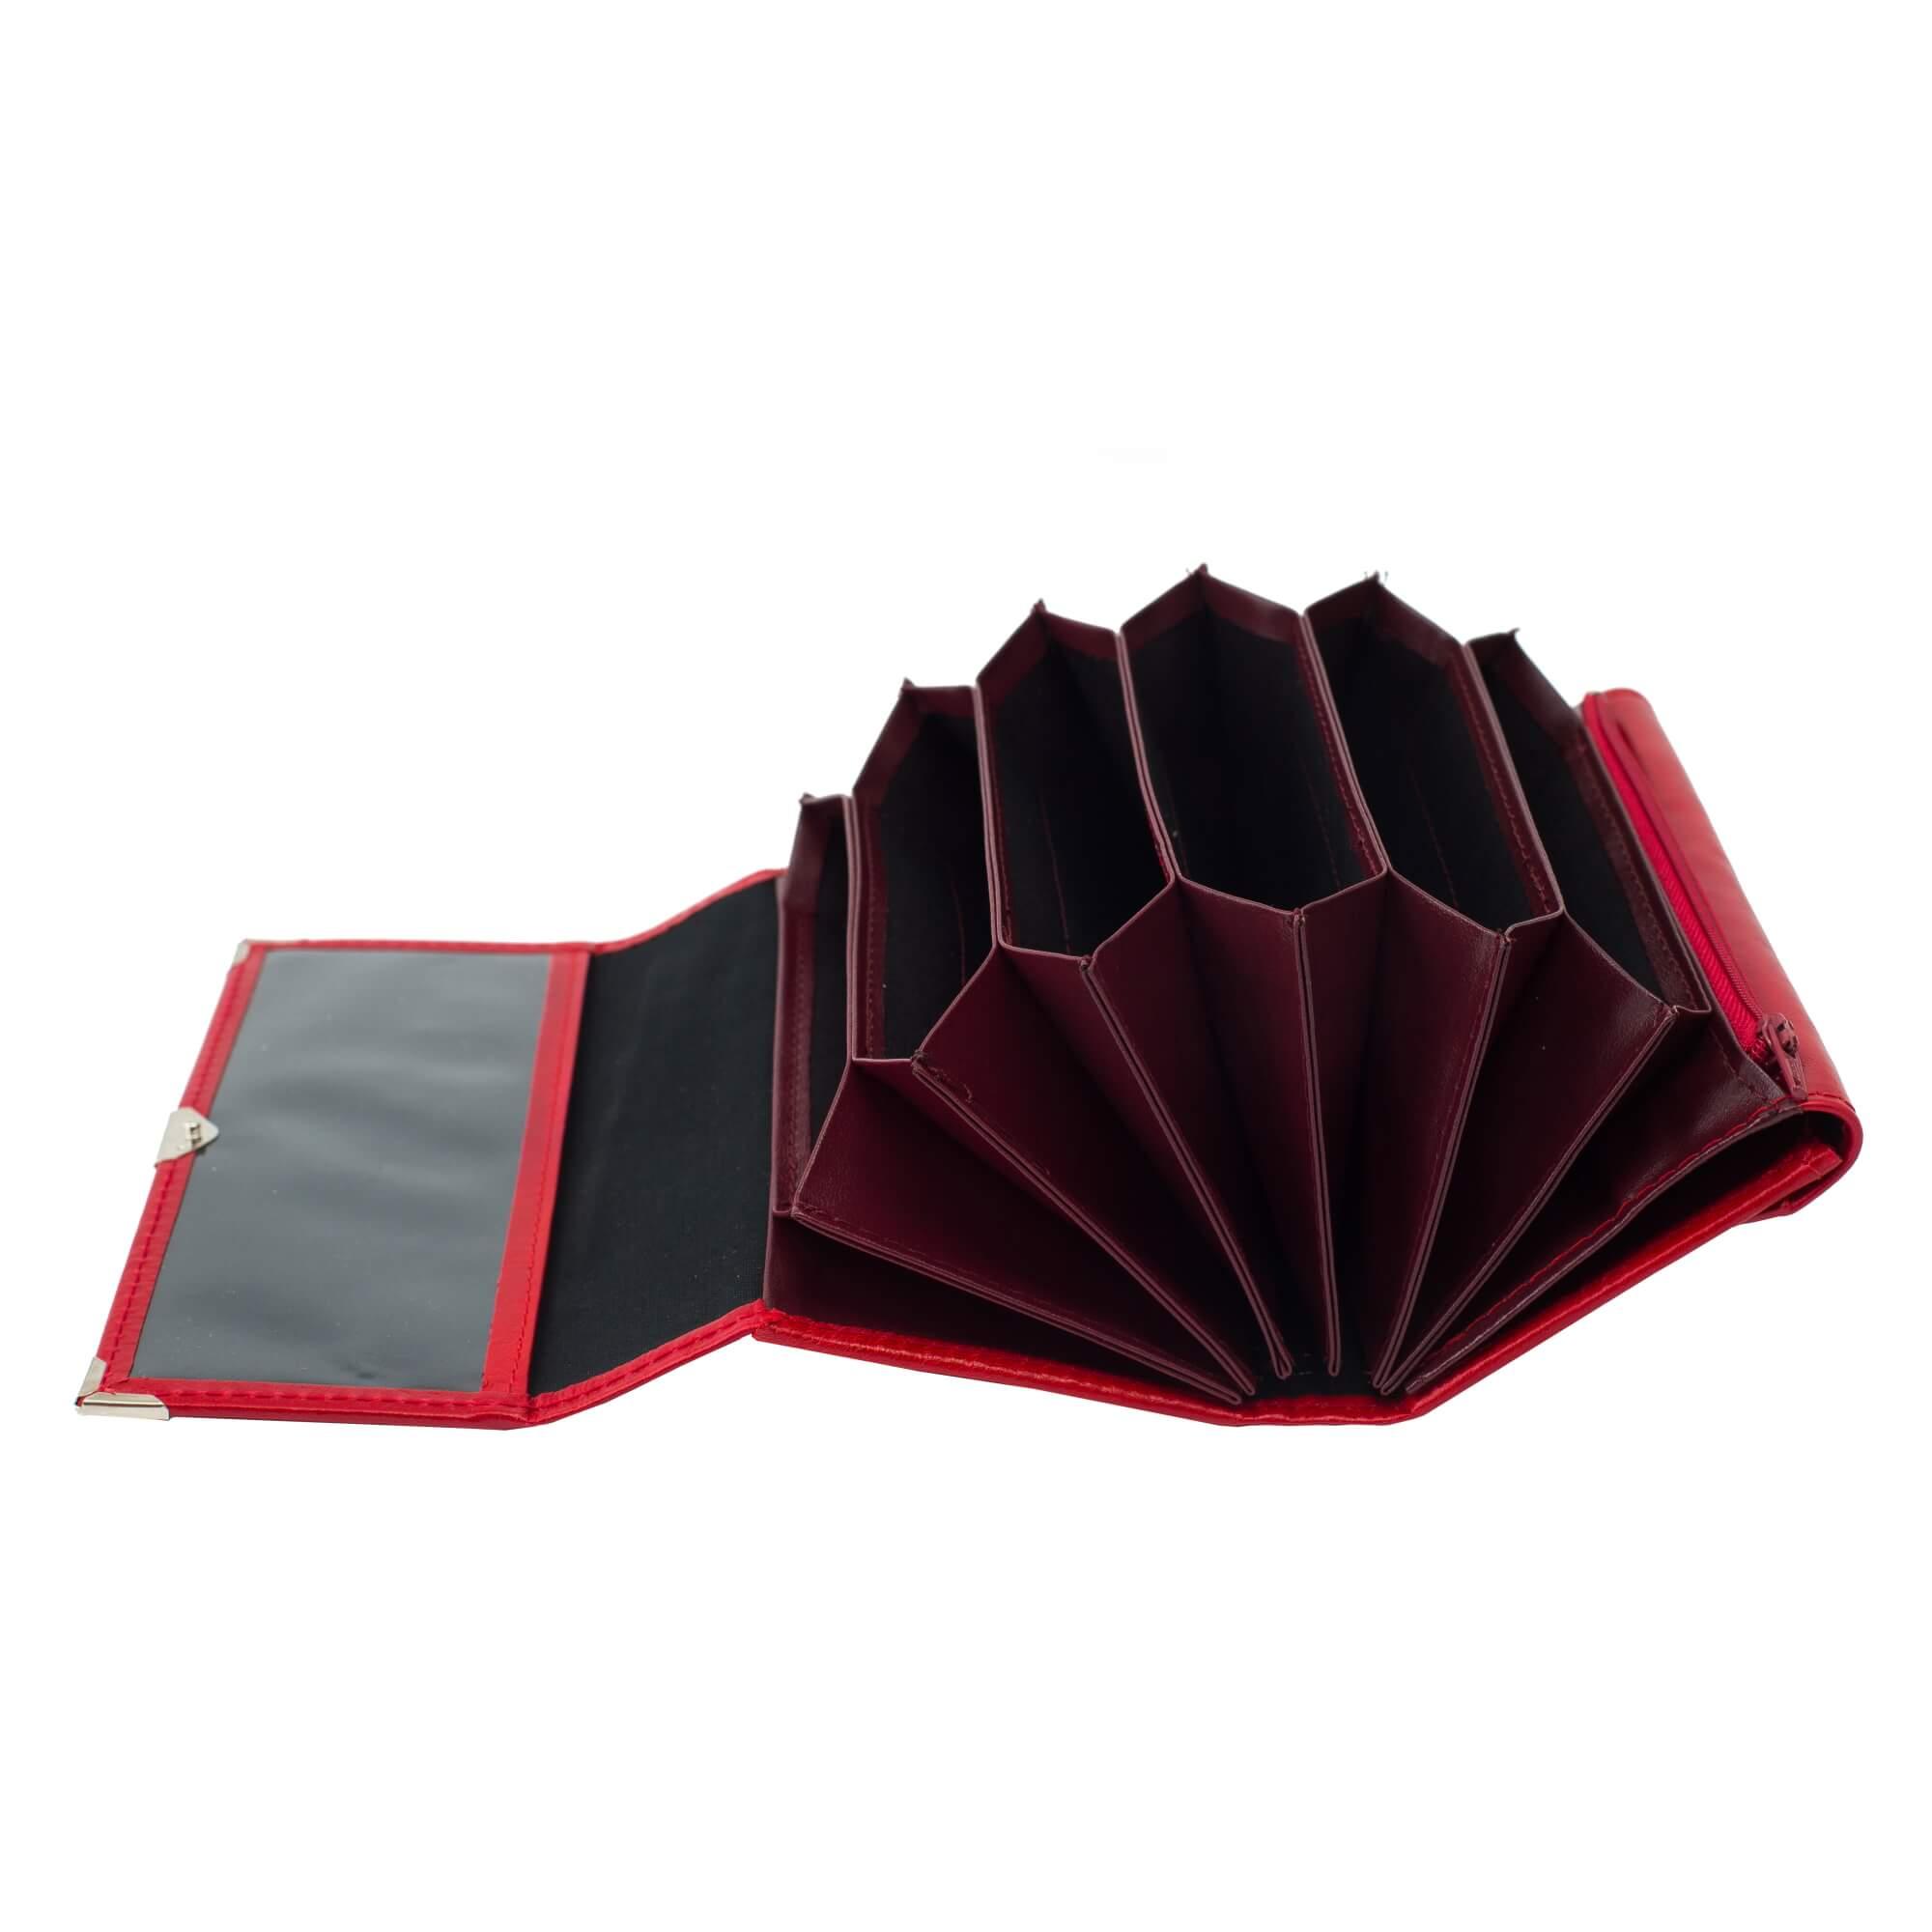 Piros 6 zsebes brifko sarokvedovel (4)